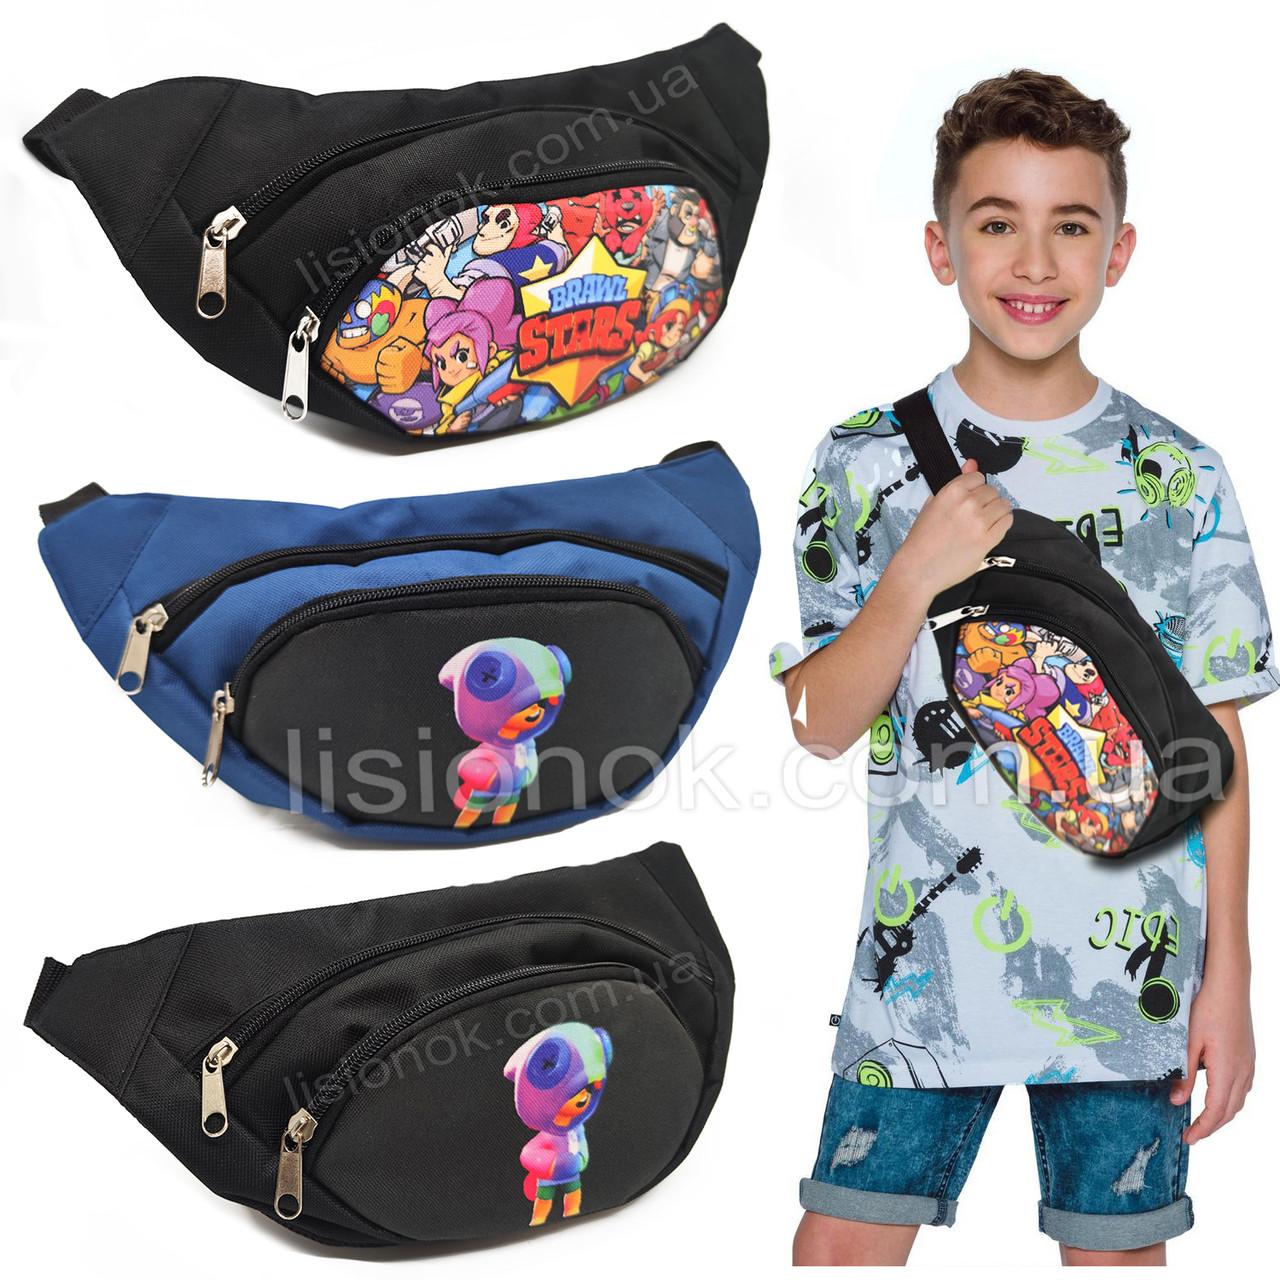 Бананка старс, сумка на пояс с героями любимой игры Stars – практичная, яркая, вместительная